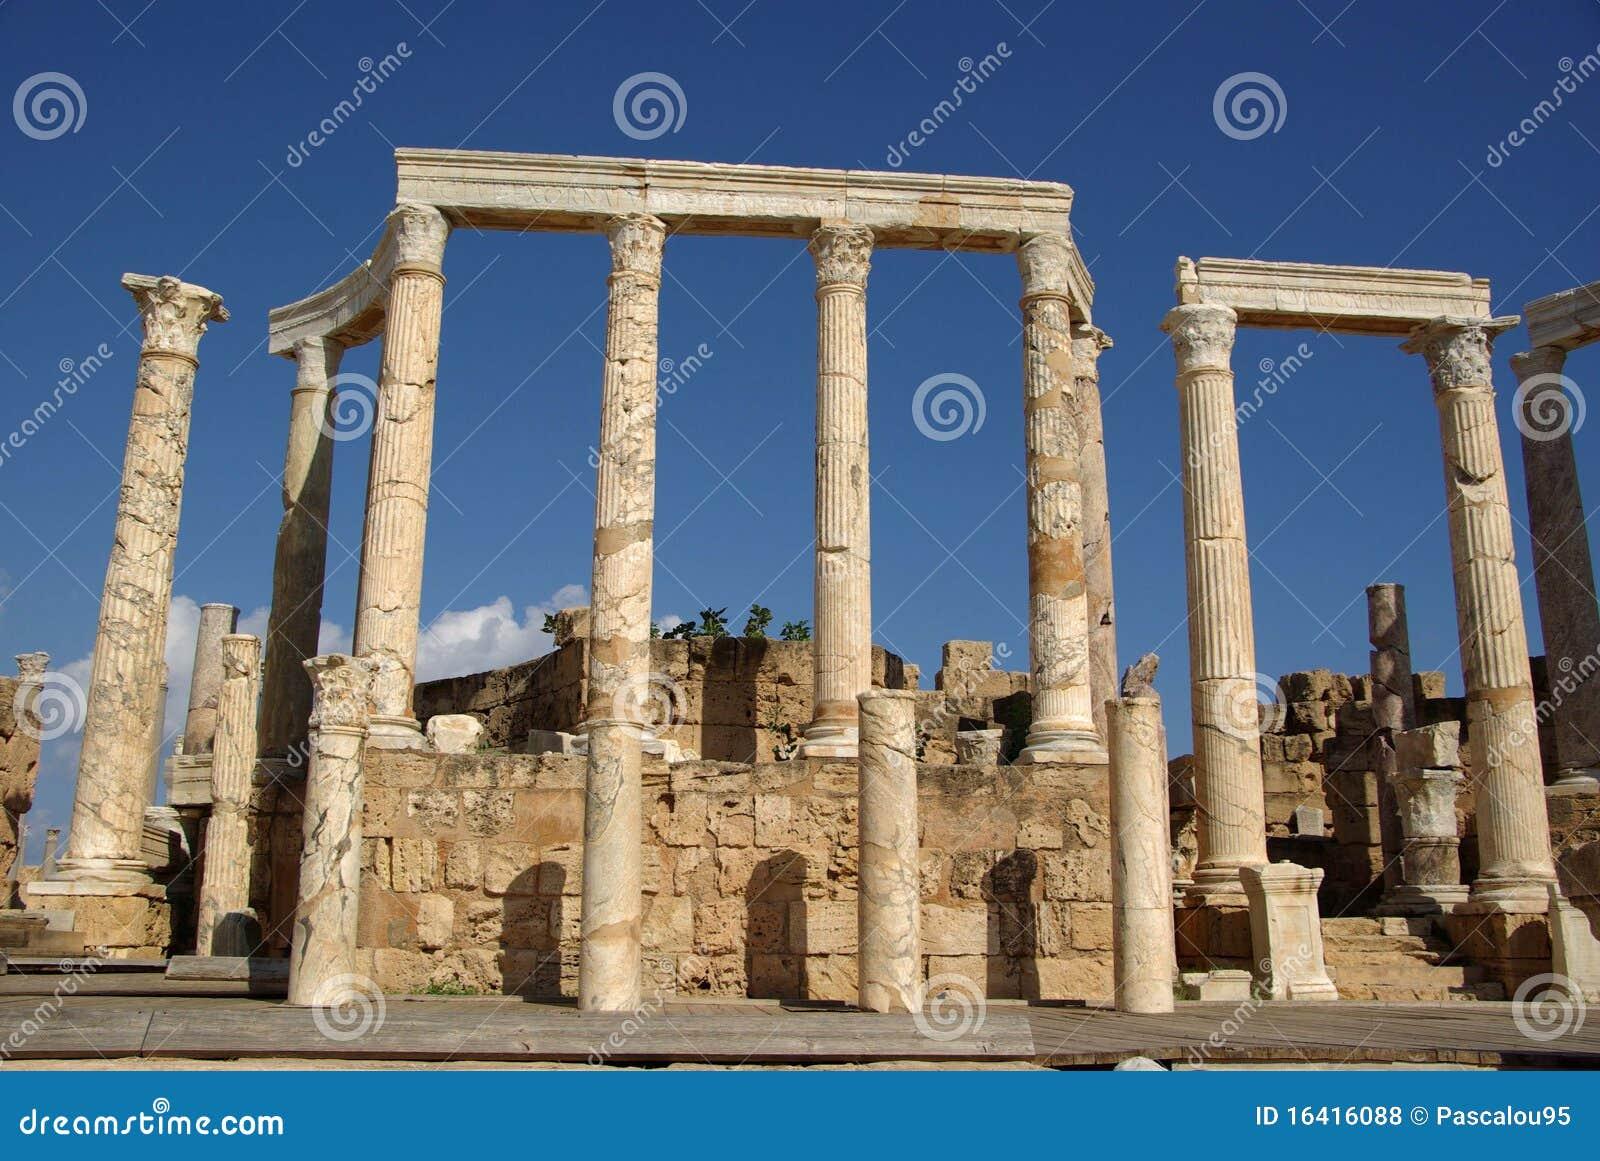 lo que significa ser onironauta Columnas-romanas-libia-16416088